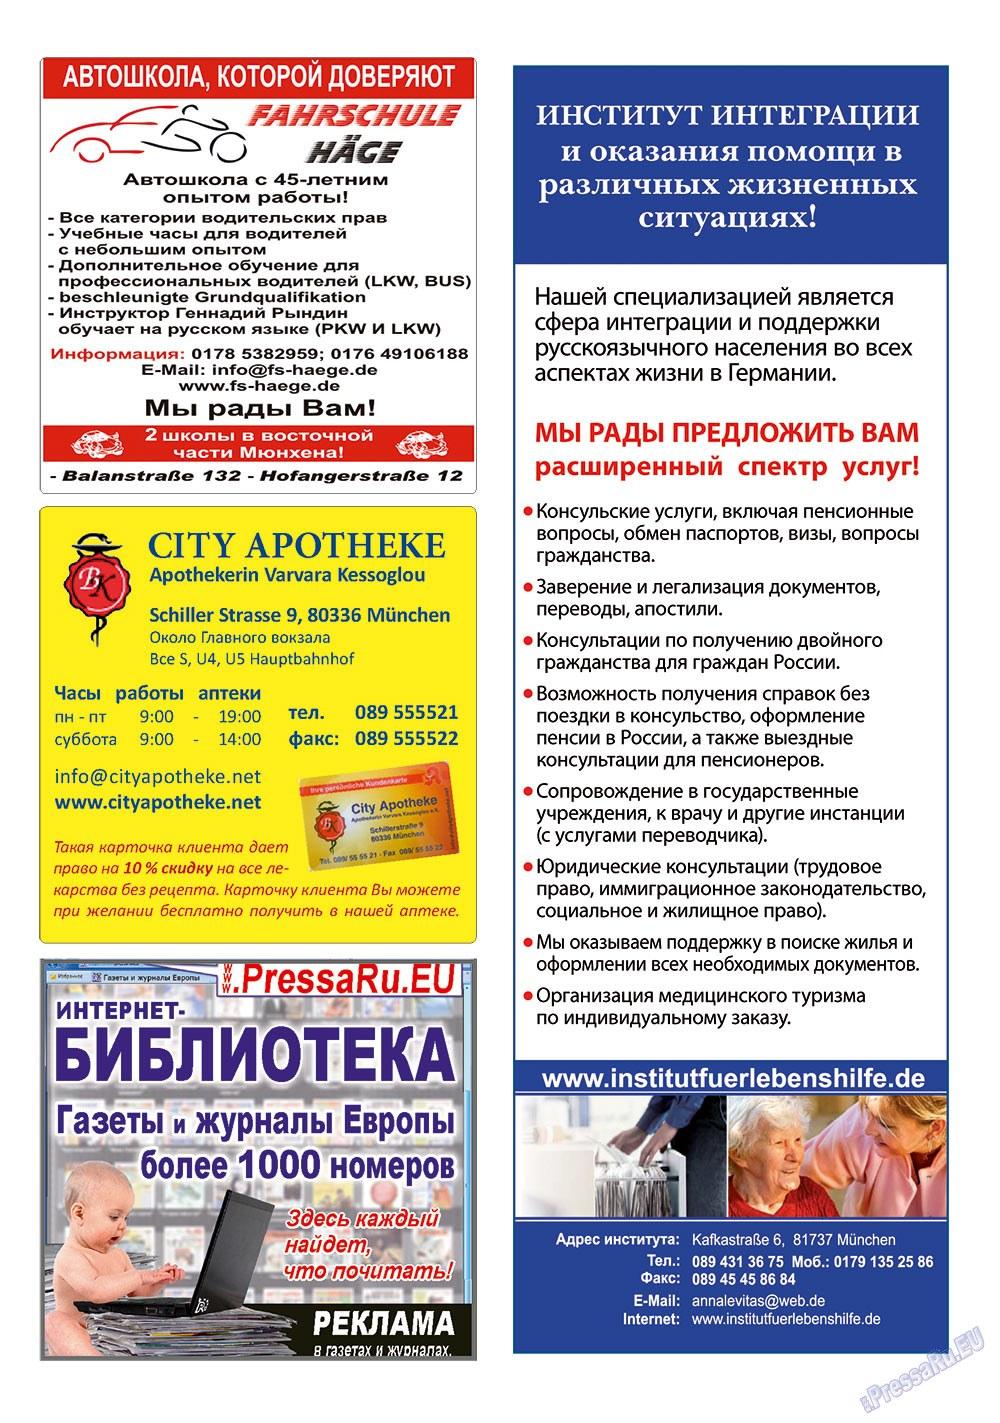 Апельсин (журнал). 2012 год, номер 41, стр. 15